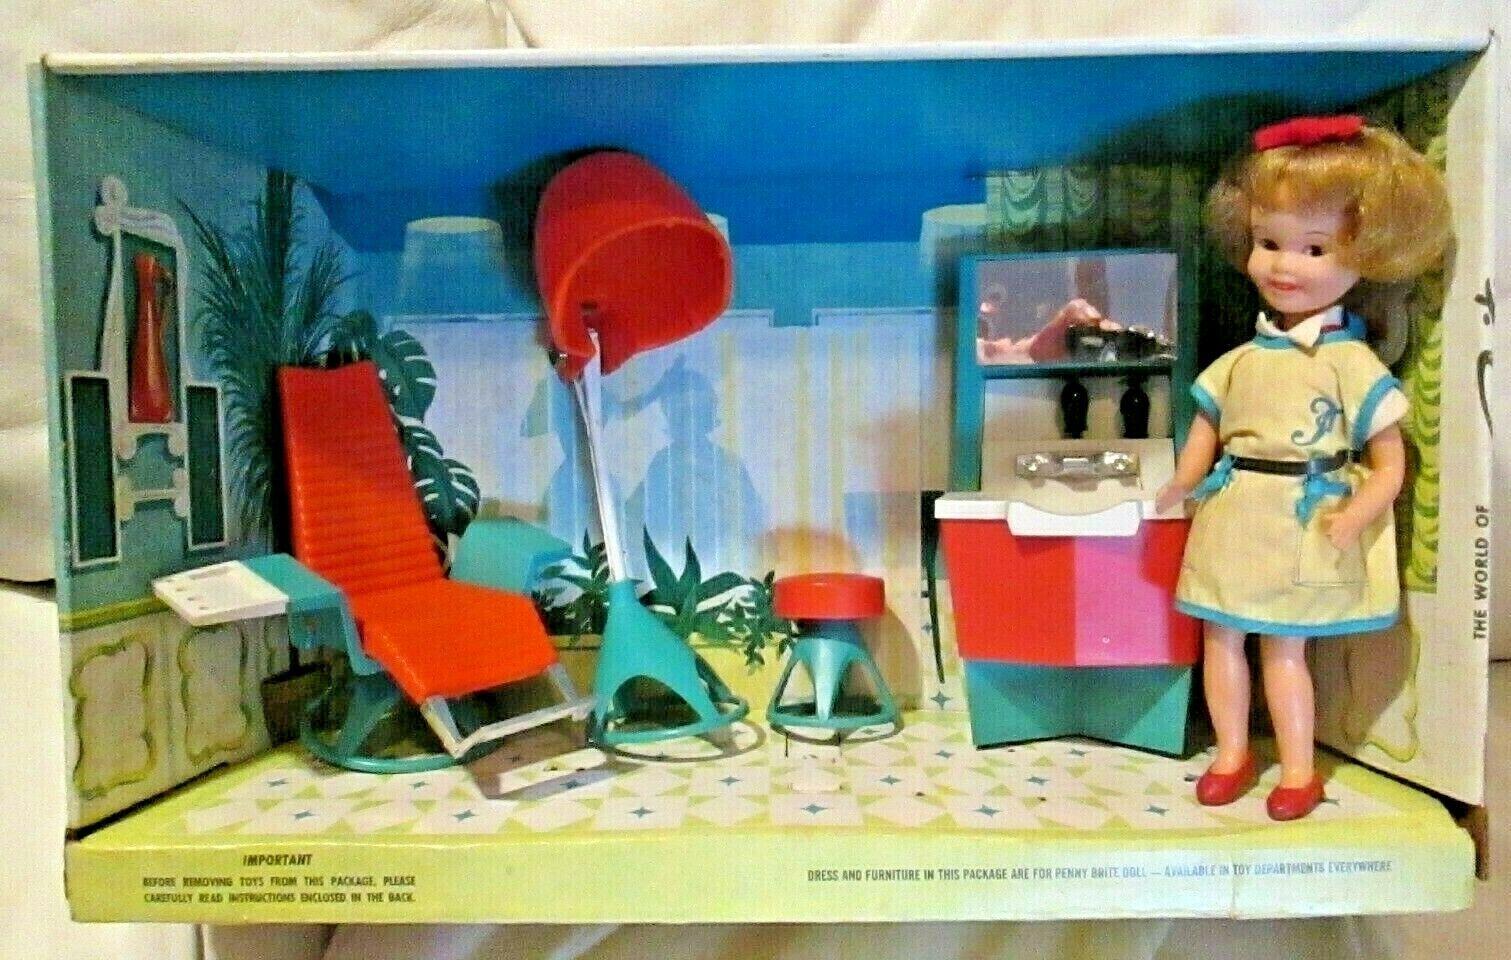 1964 Topper Toys  Penny Brite  Salón Belleza Peluquería En Caja  Muñeca en caso  Smock